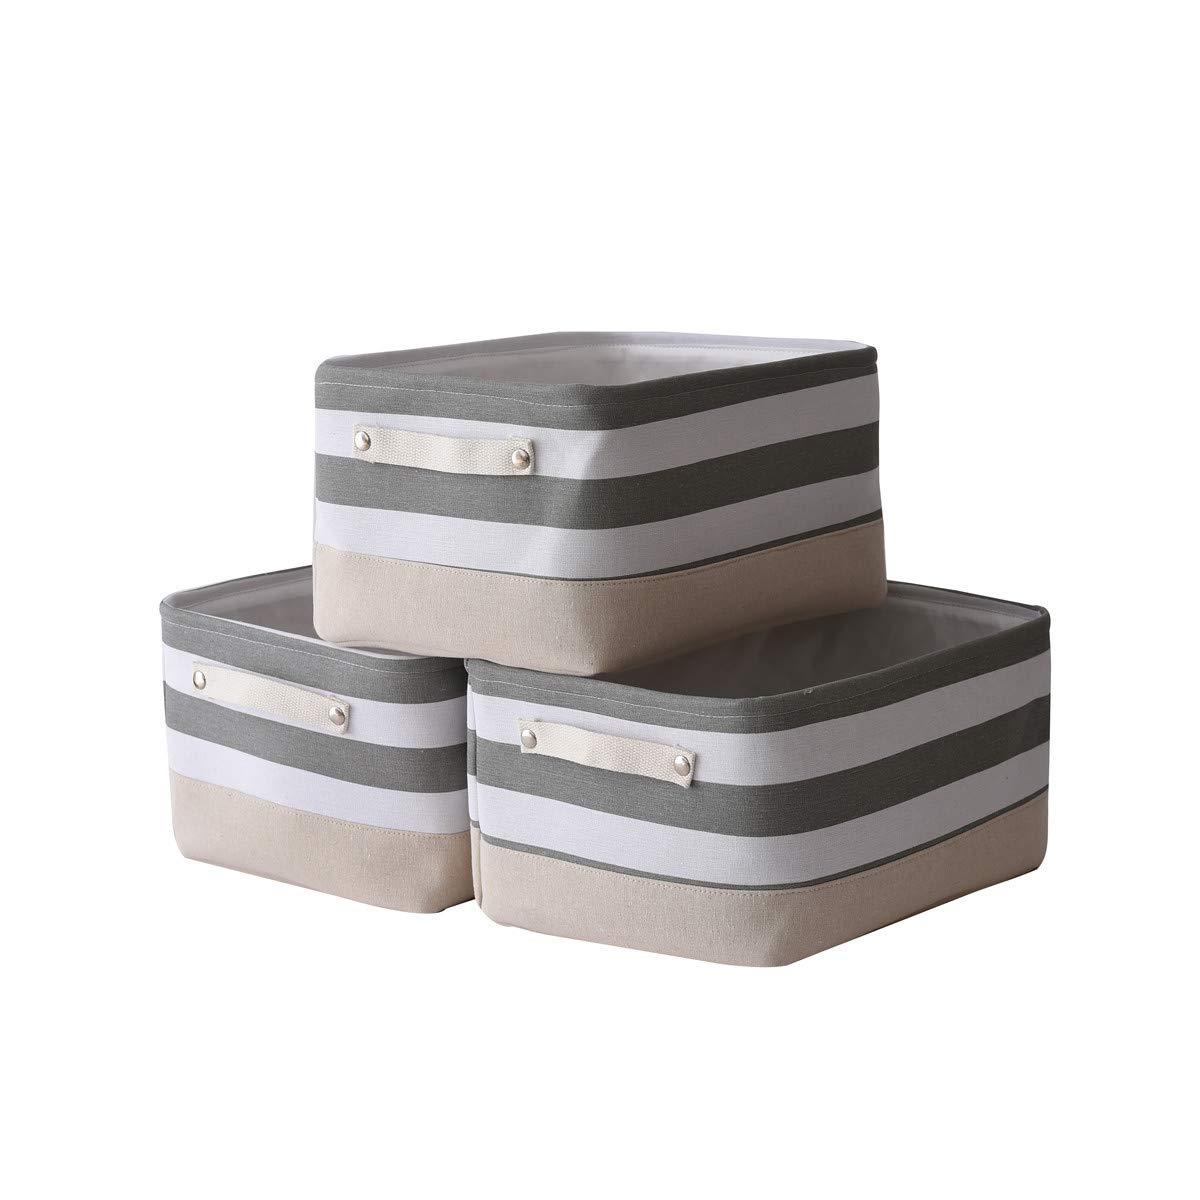 Jtirey Baskets Storage Baskets Organizer [3-Pack] Fabric storage bin Shelf Baskets for Storage Baskets for Organizing, Basket for Gifts Empty Collapsible Organizer Storage Baskets for Home(15.7L×11.8W×8.3H)